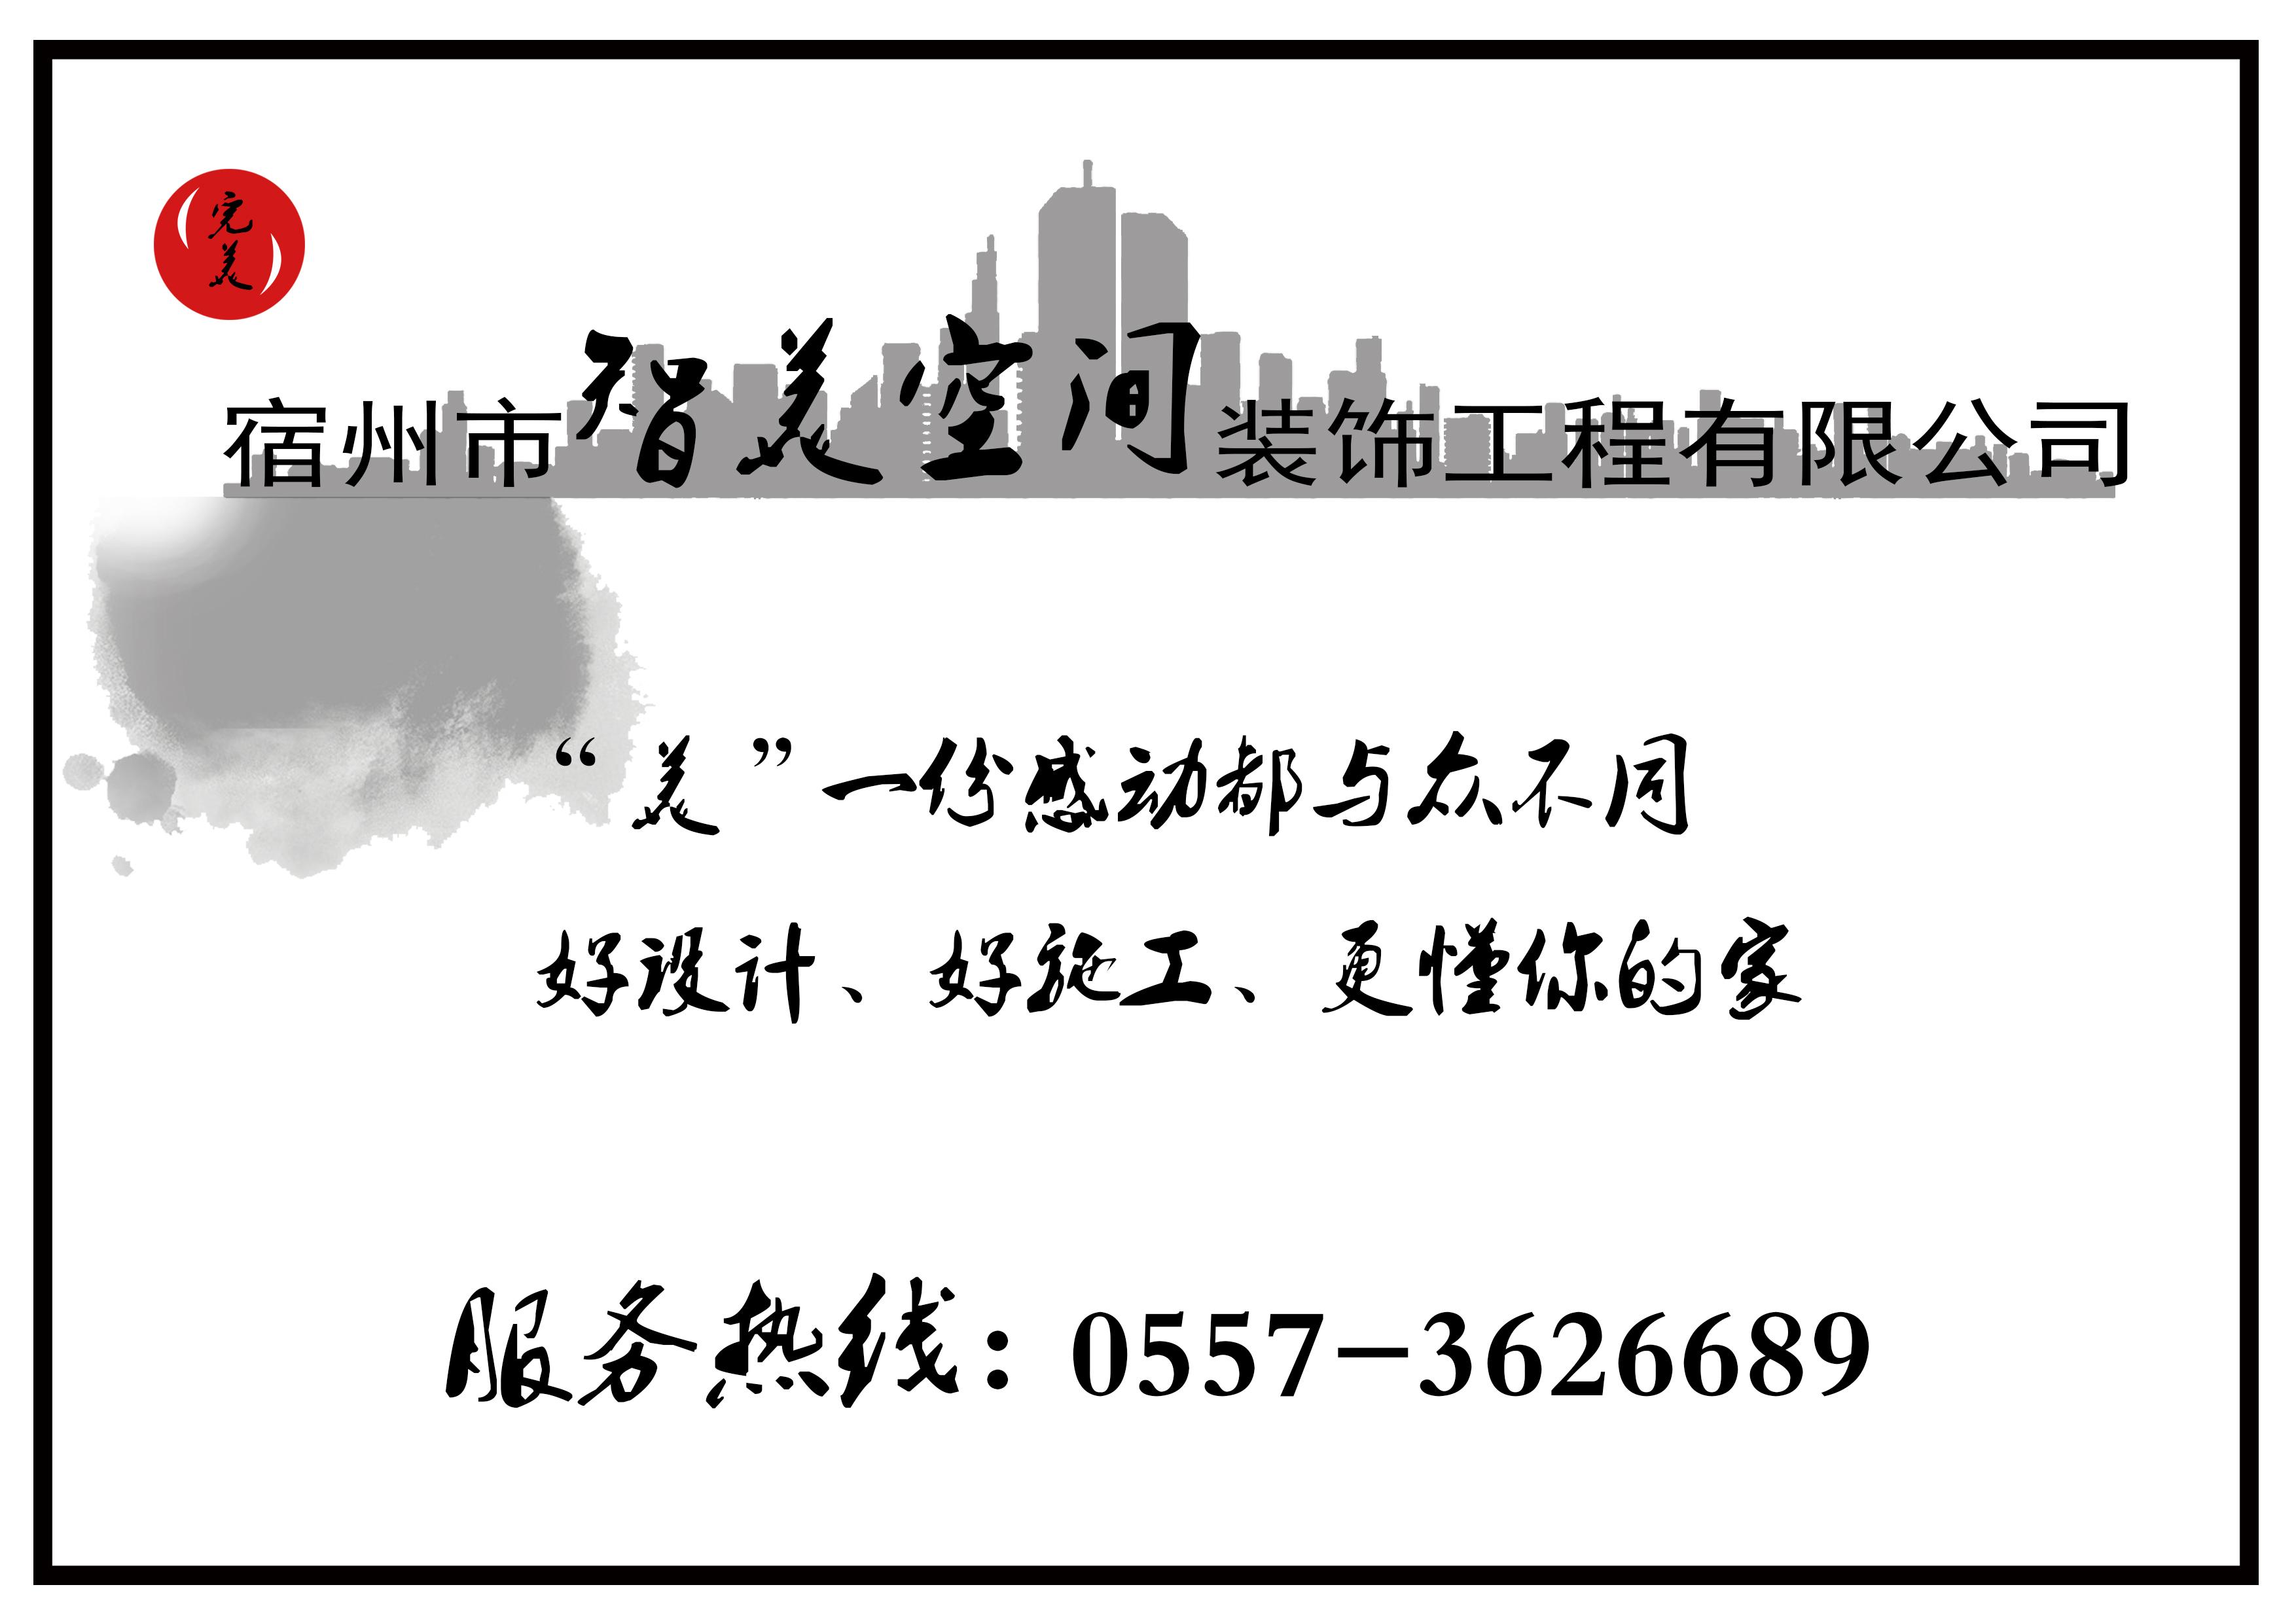 宿州市智美空间装饰工程有限公司